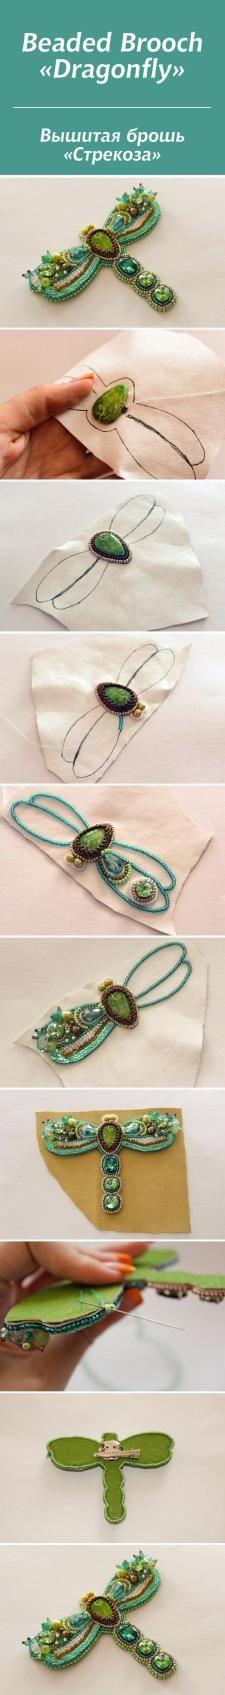 Idées Pour Bijoux Création - Pandahall.com